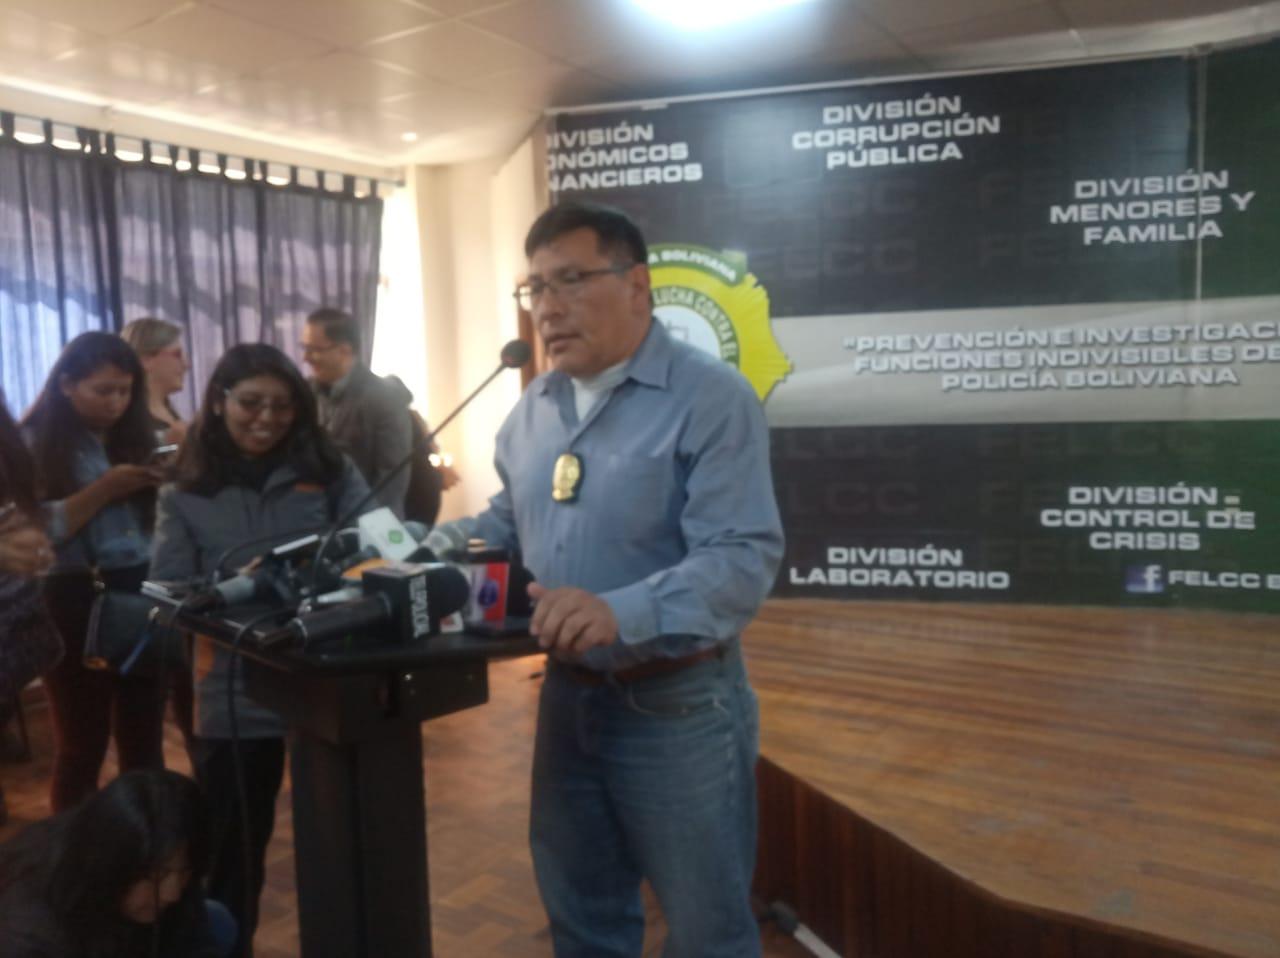 FELCC detiene a un concejal y un ex concejal de El Alto por presuntamente adquirir buses municipales con sobreprecio